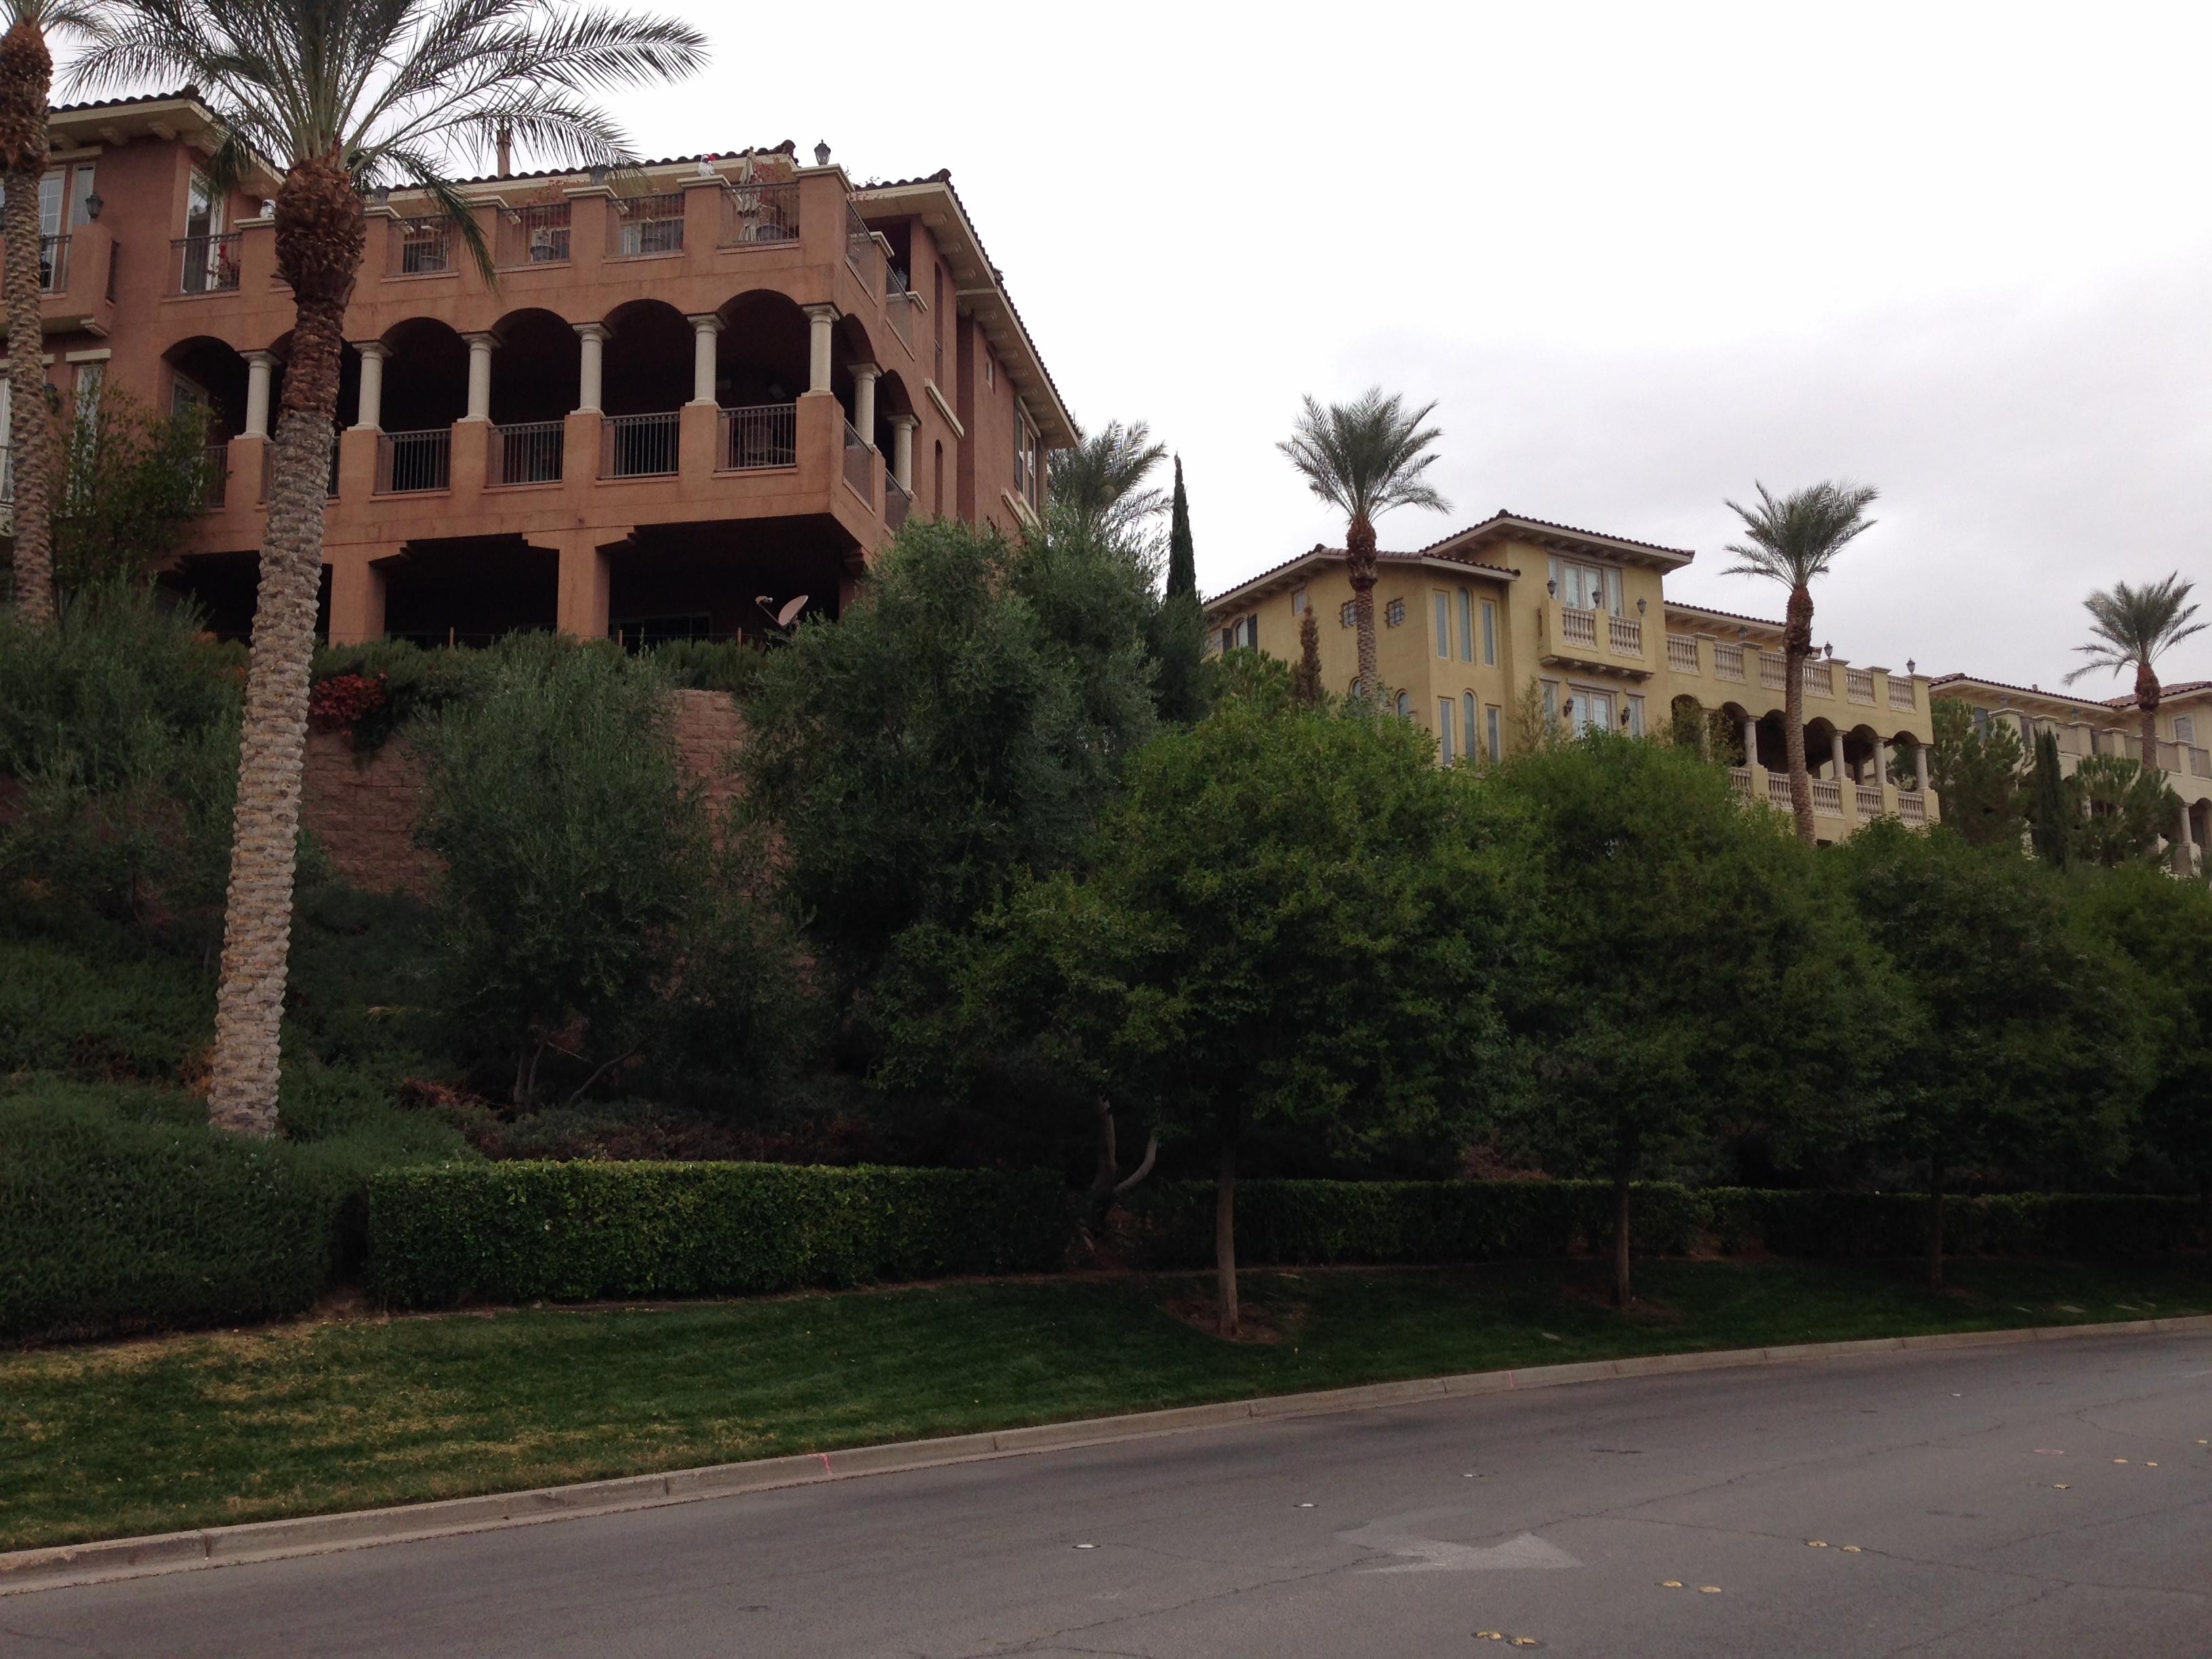 Tramonto HOA – Las Vegas, NV